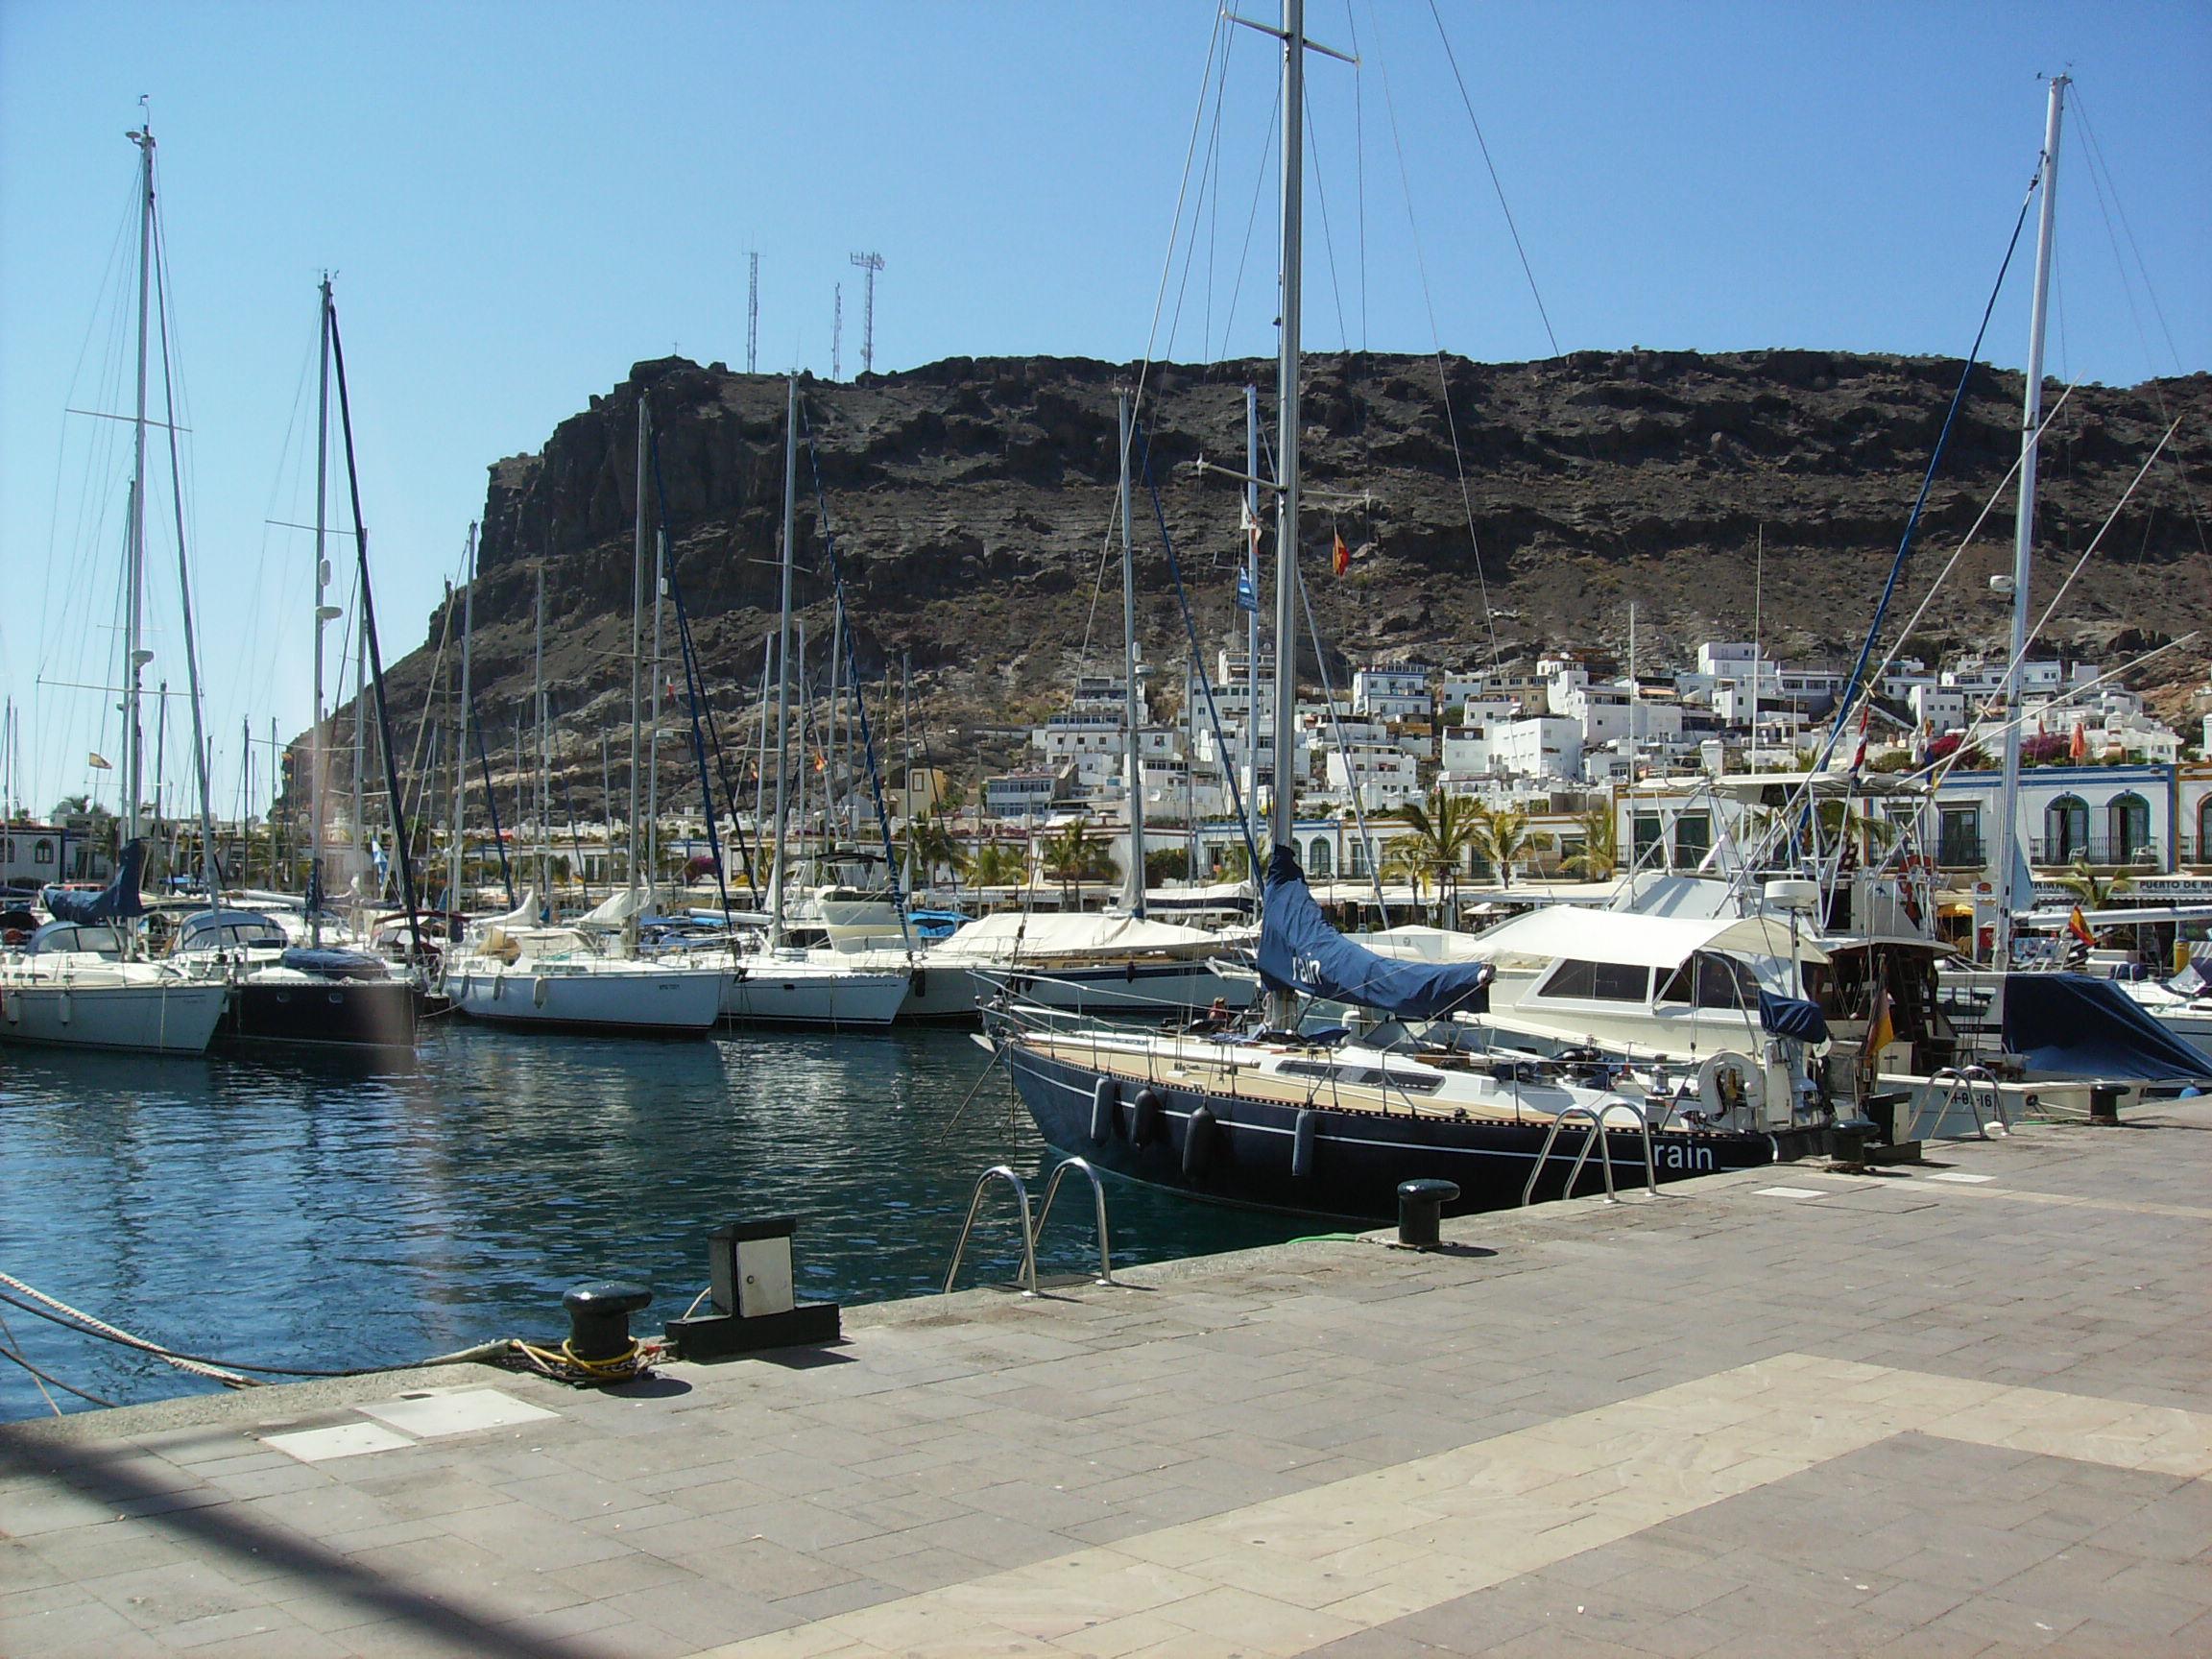 Puerto de Mogán: Known as the Venice of Gran Canaria